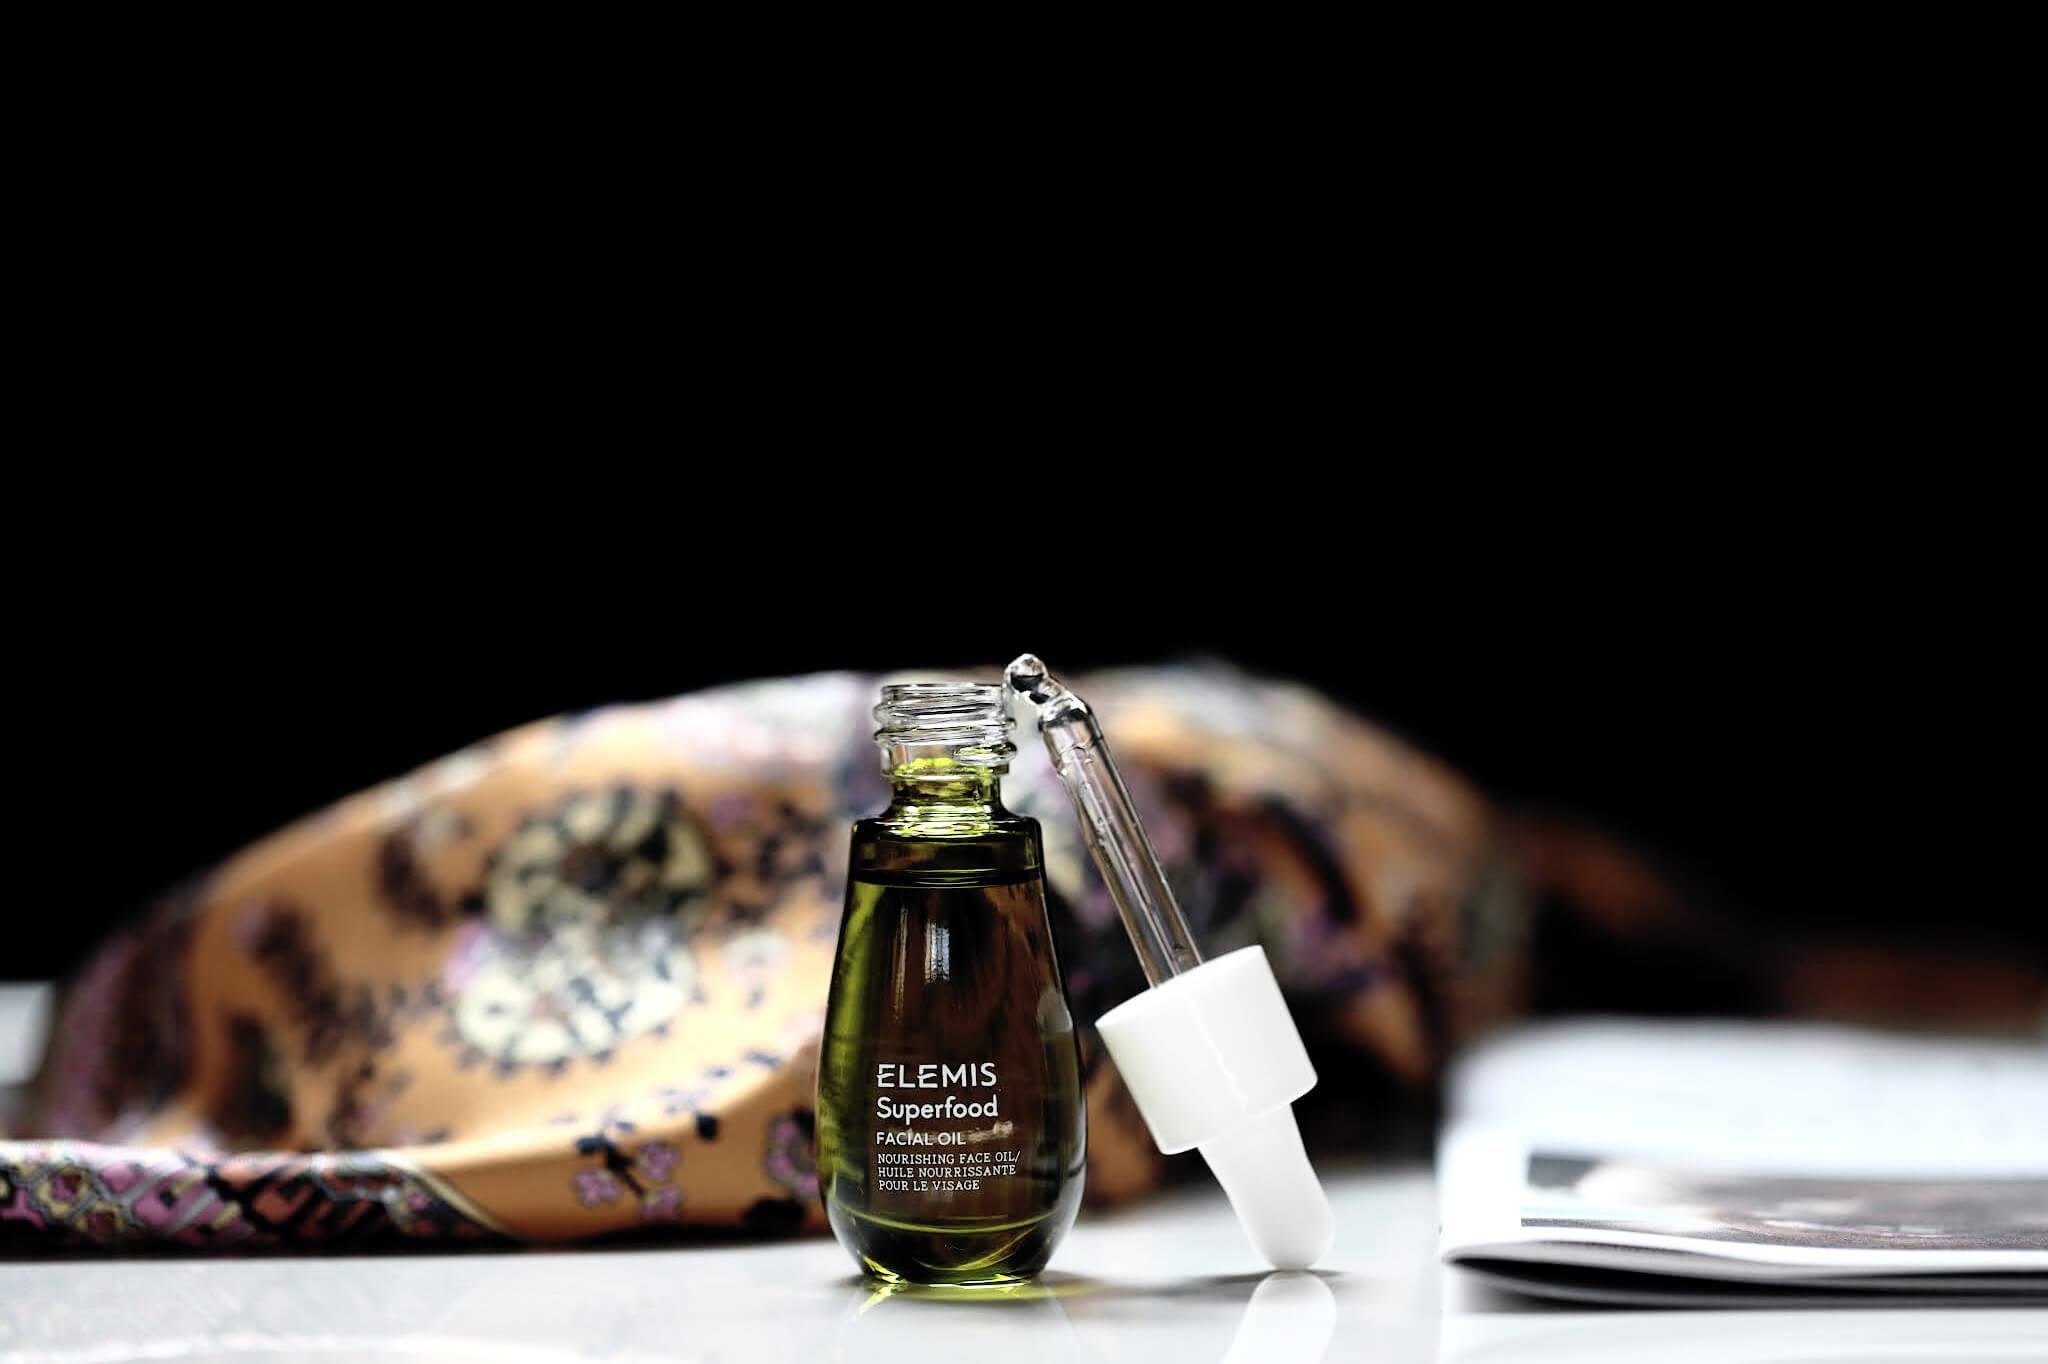 elemis superfood huile visage